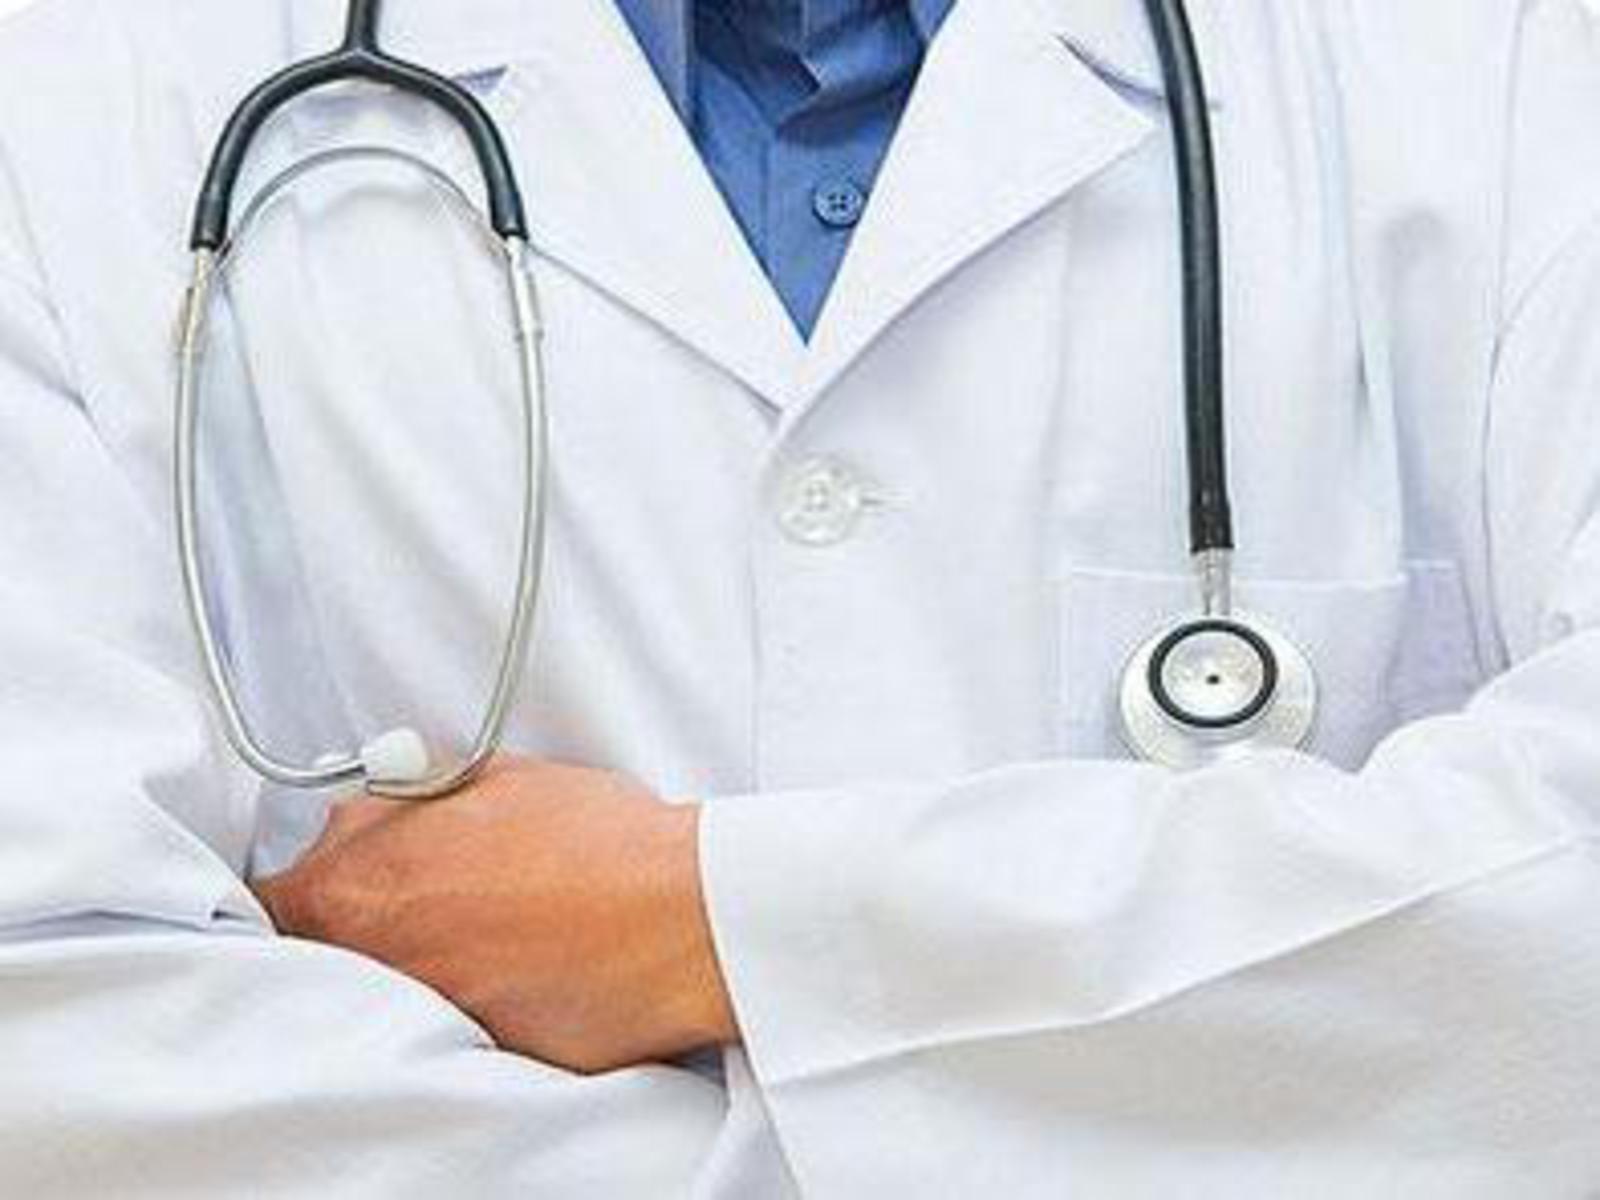 Sindicato apela às unidade do Serviço Nacional de Saúde que se organizem para férias dos médicos